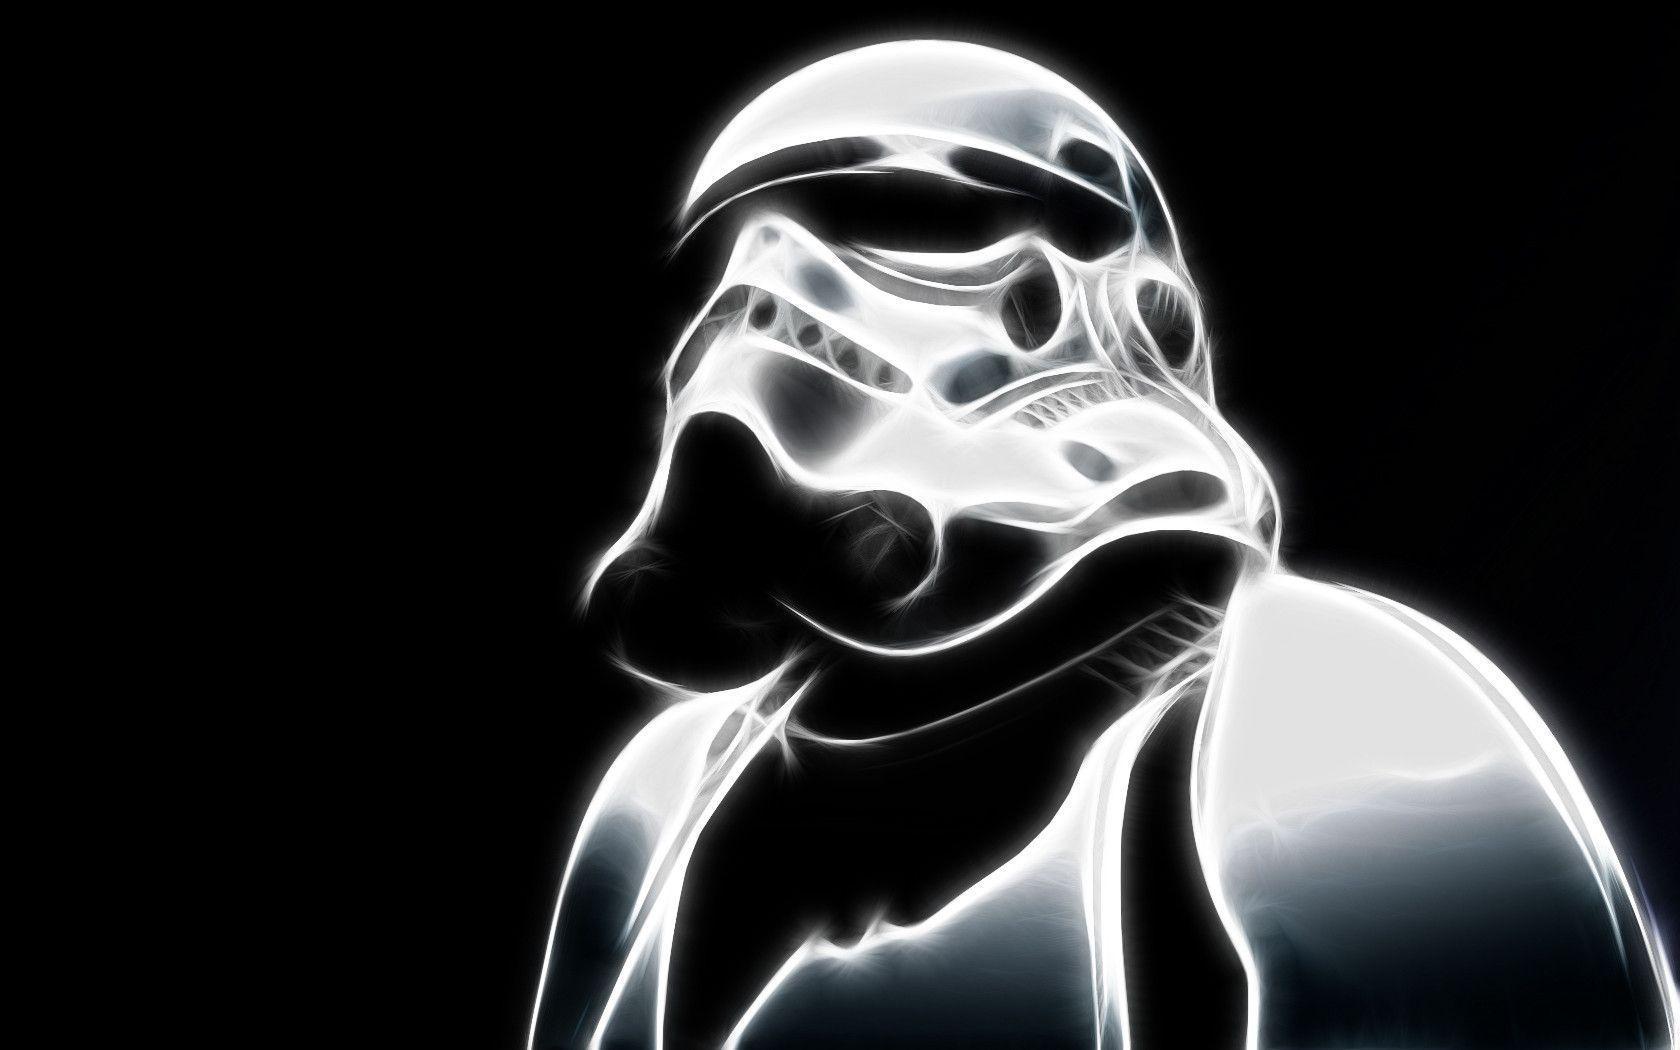 stormtrooper helmets widescreen wallpaper - photo #4